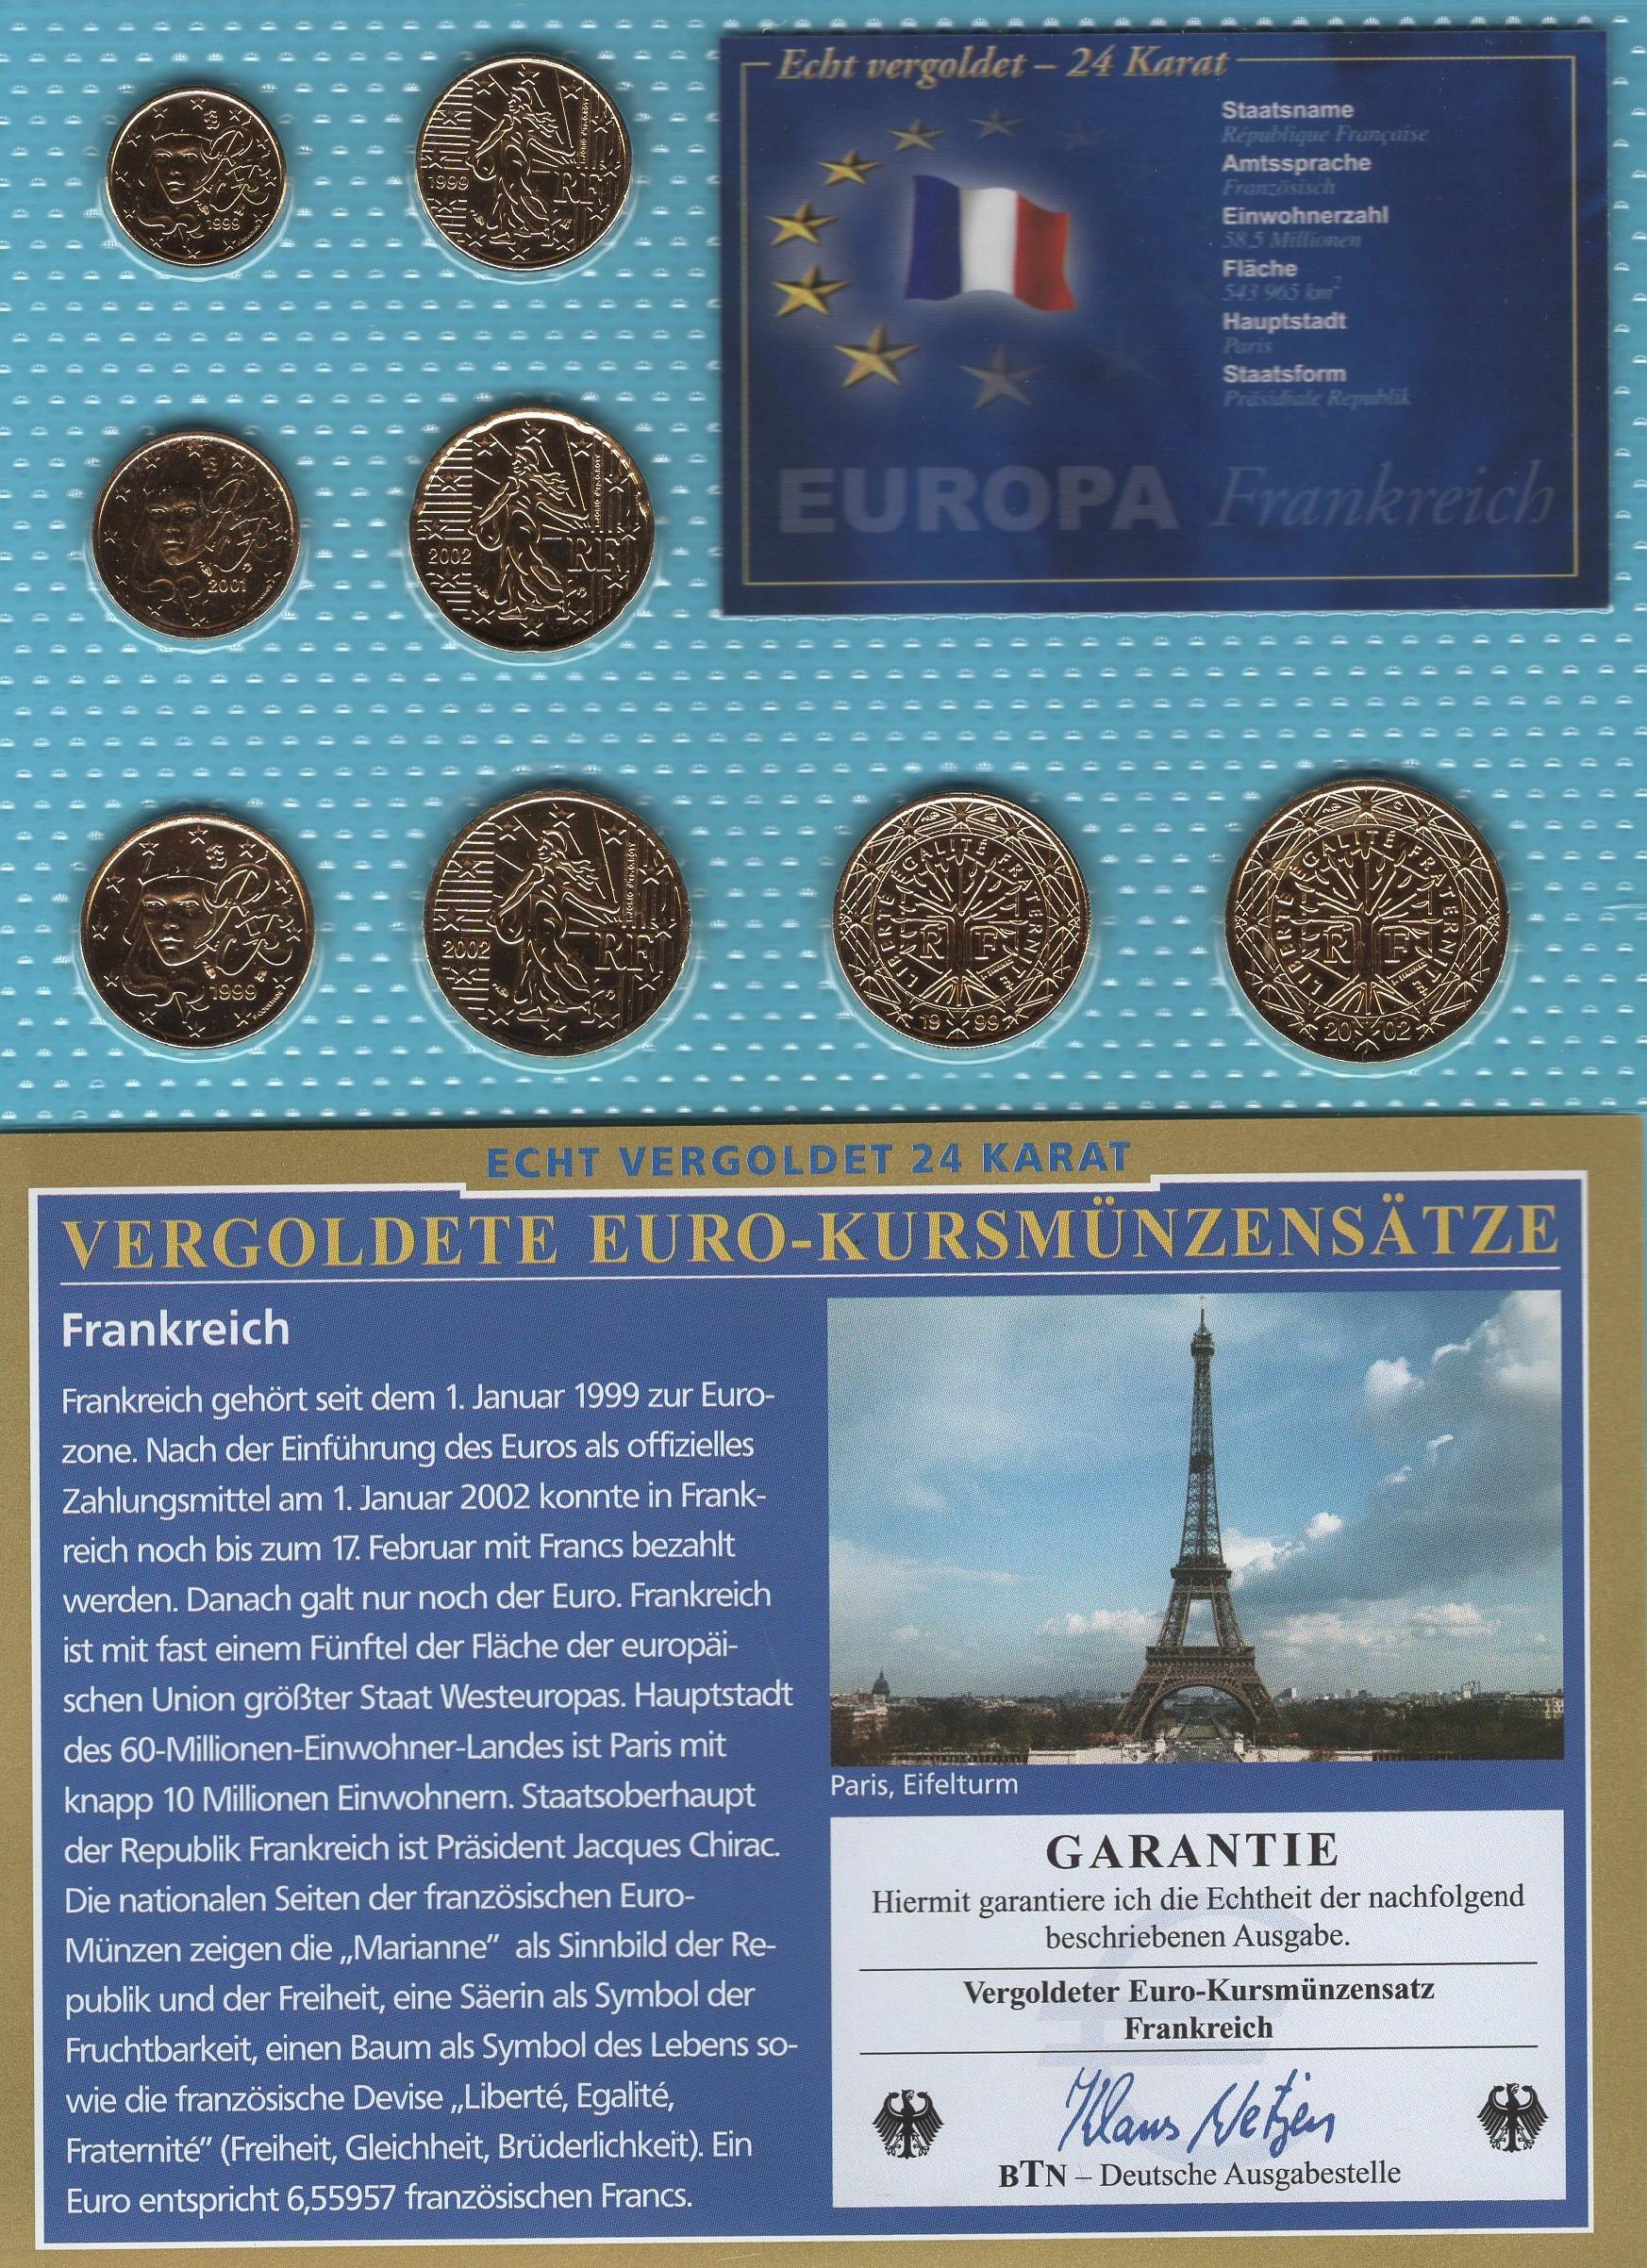 Frankreich 1999-2002 vergoldet